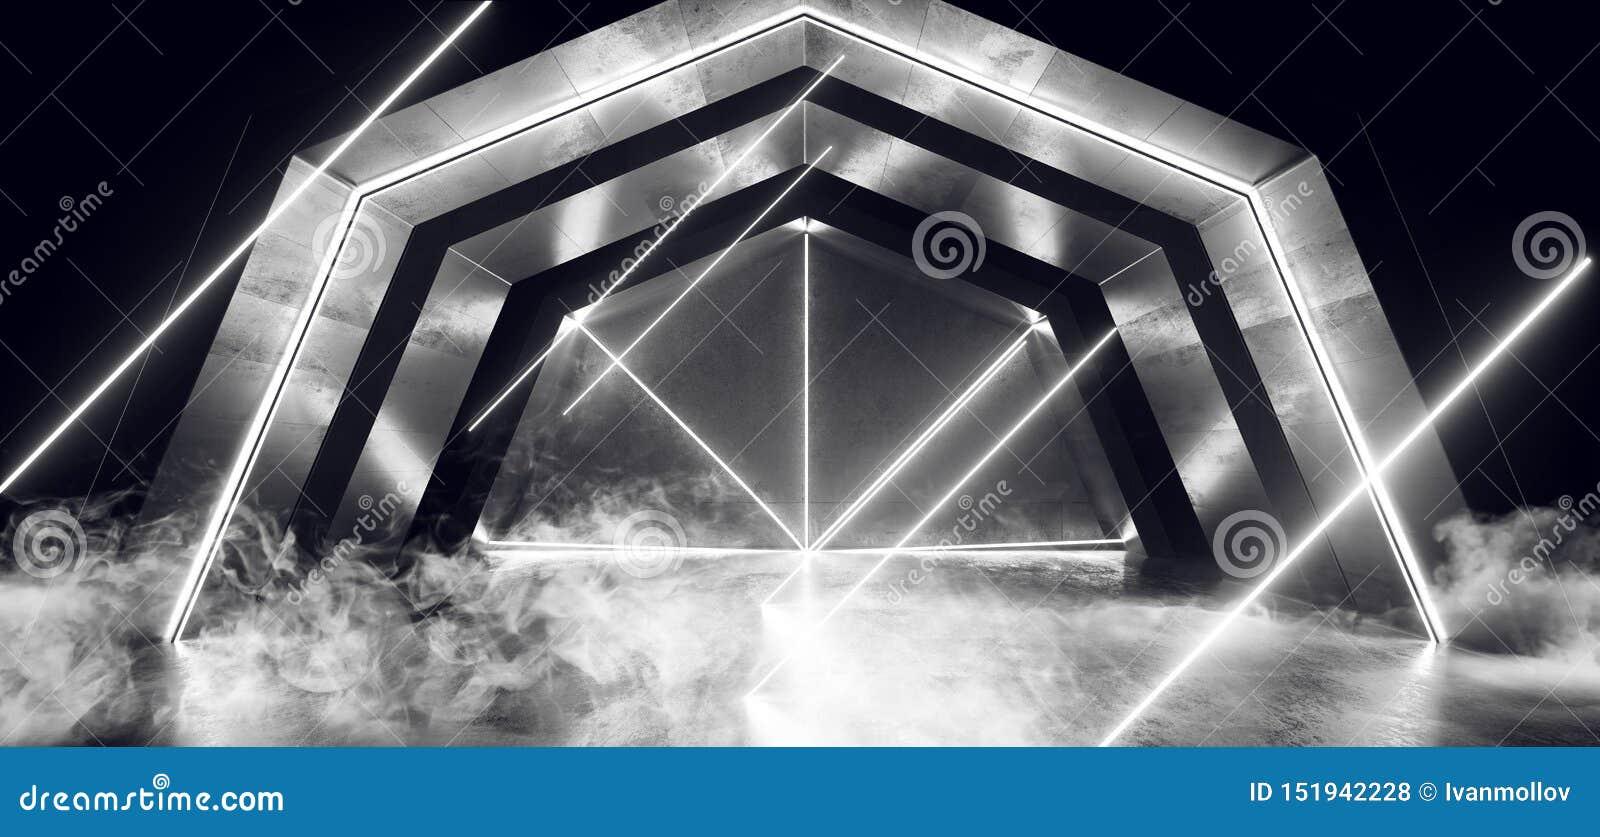 烟未来派科学幻想小说曲拱WhiteLaser霓虹灯发光的黑暗的难看的东西反射性具体隧道走廊走廊外籍人